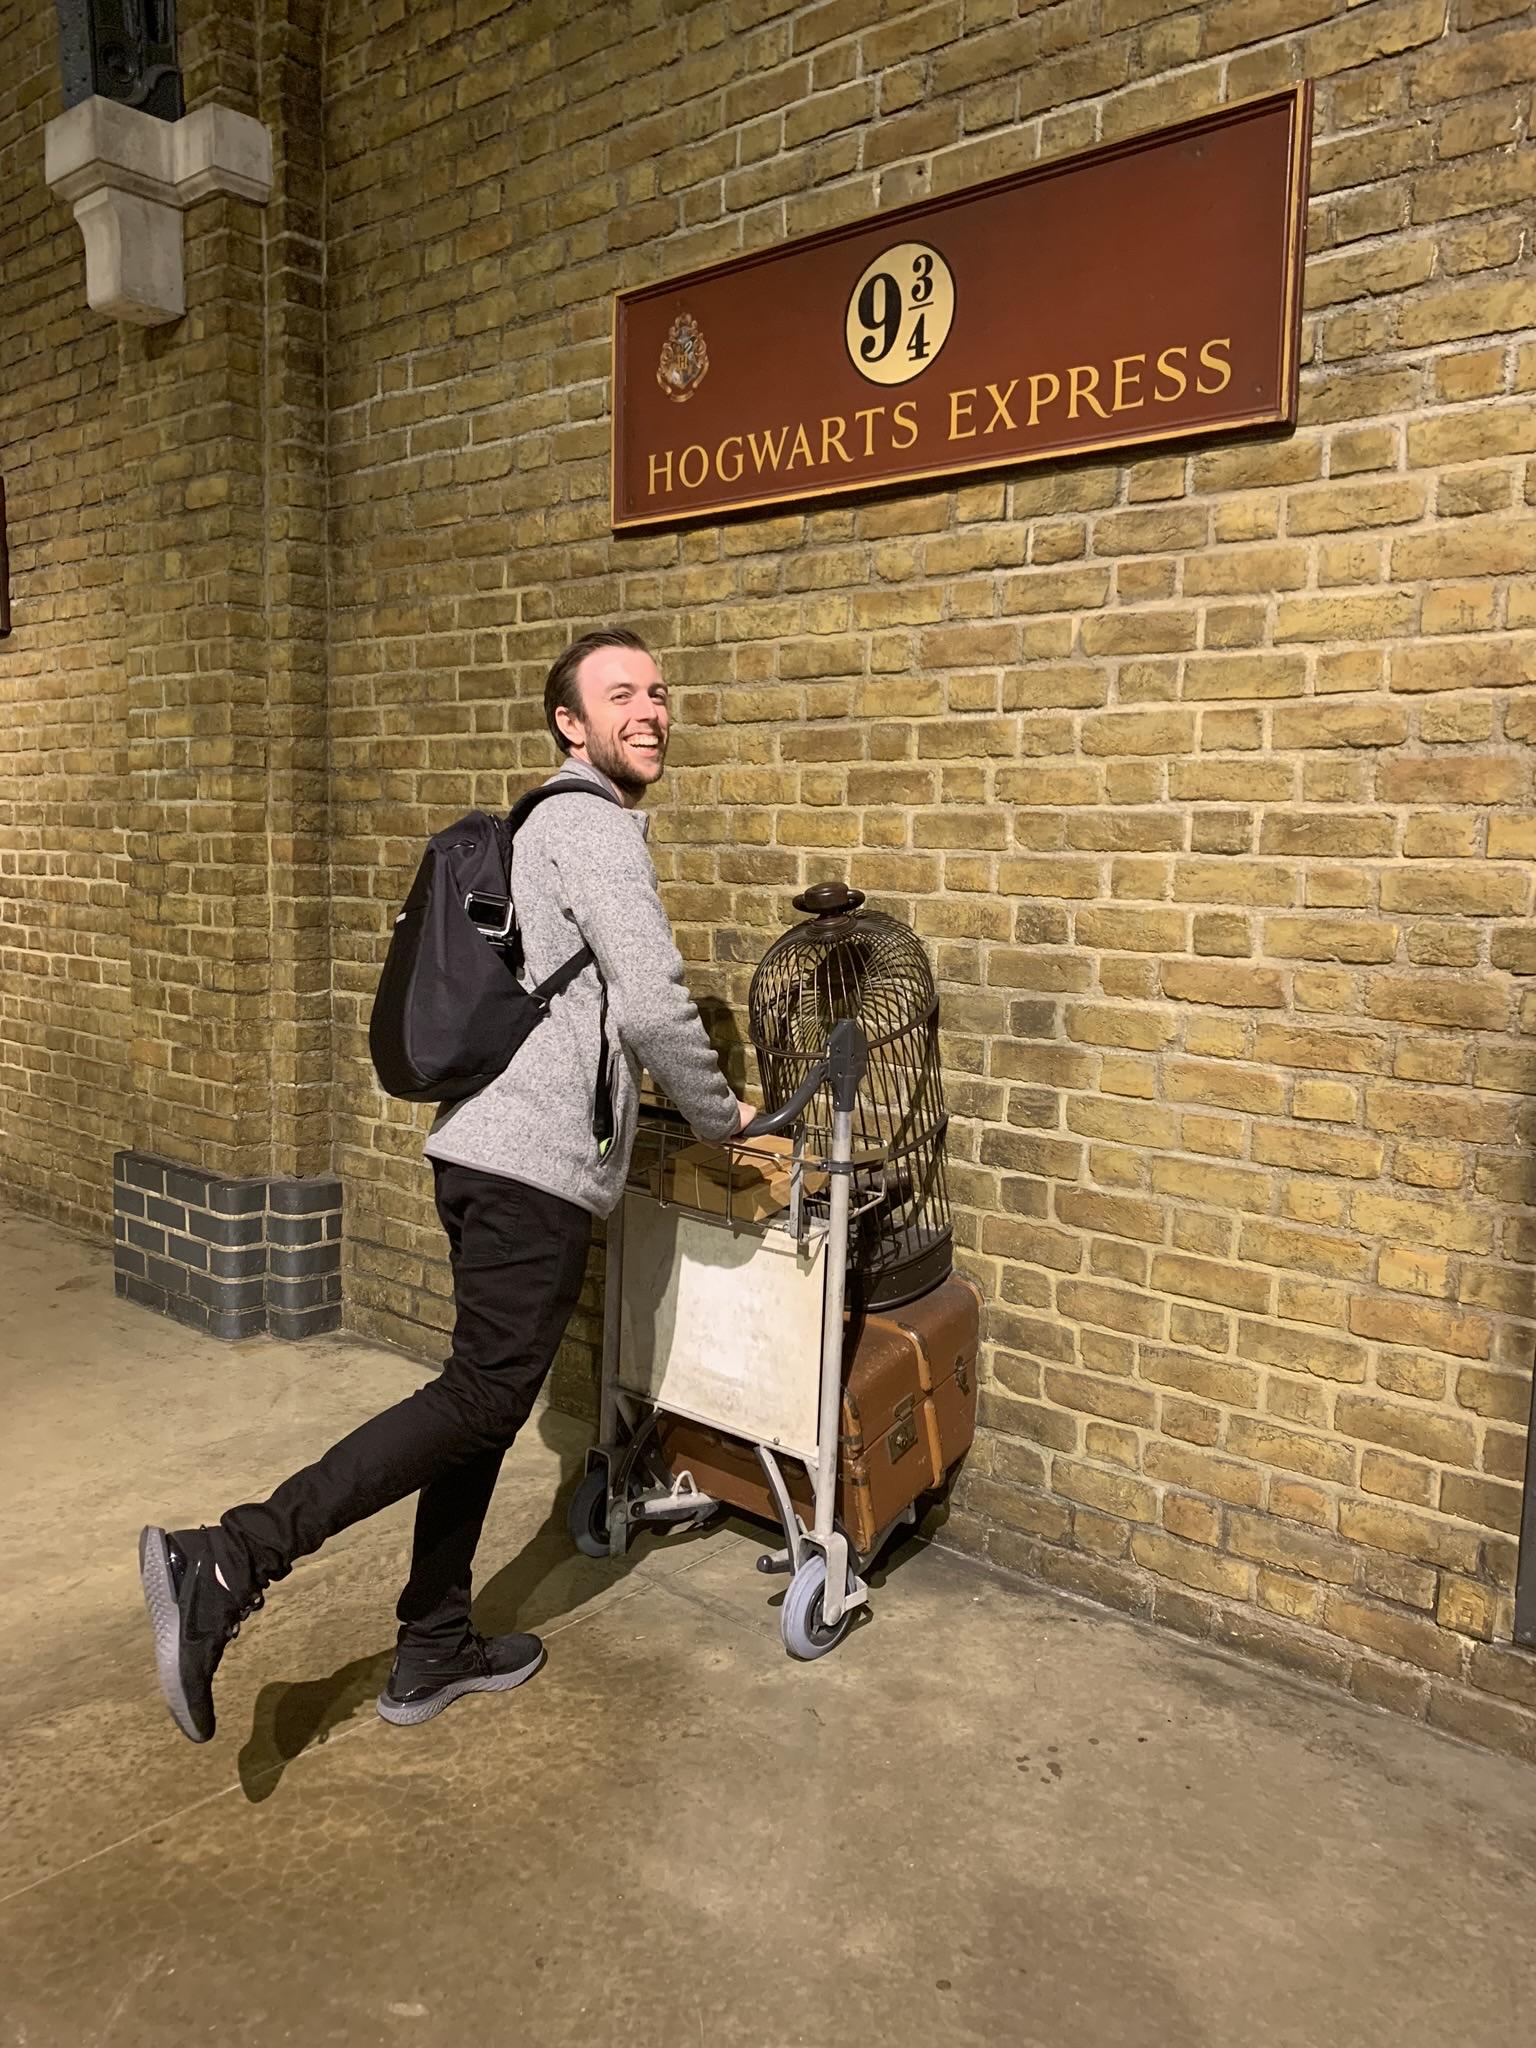 I'm heading to Hogwarts!